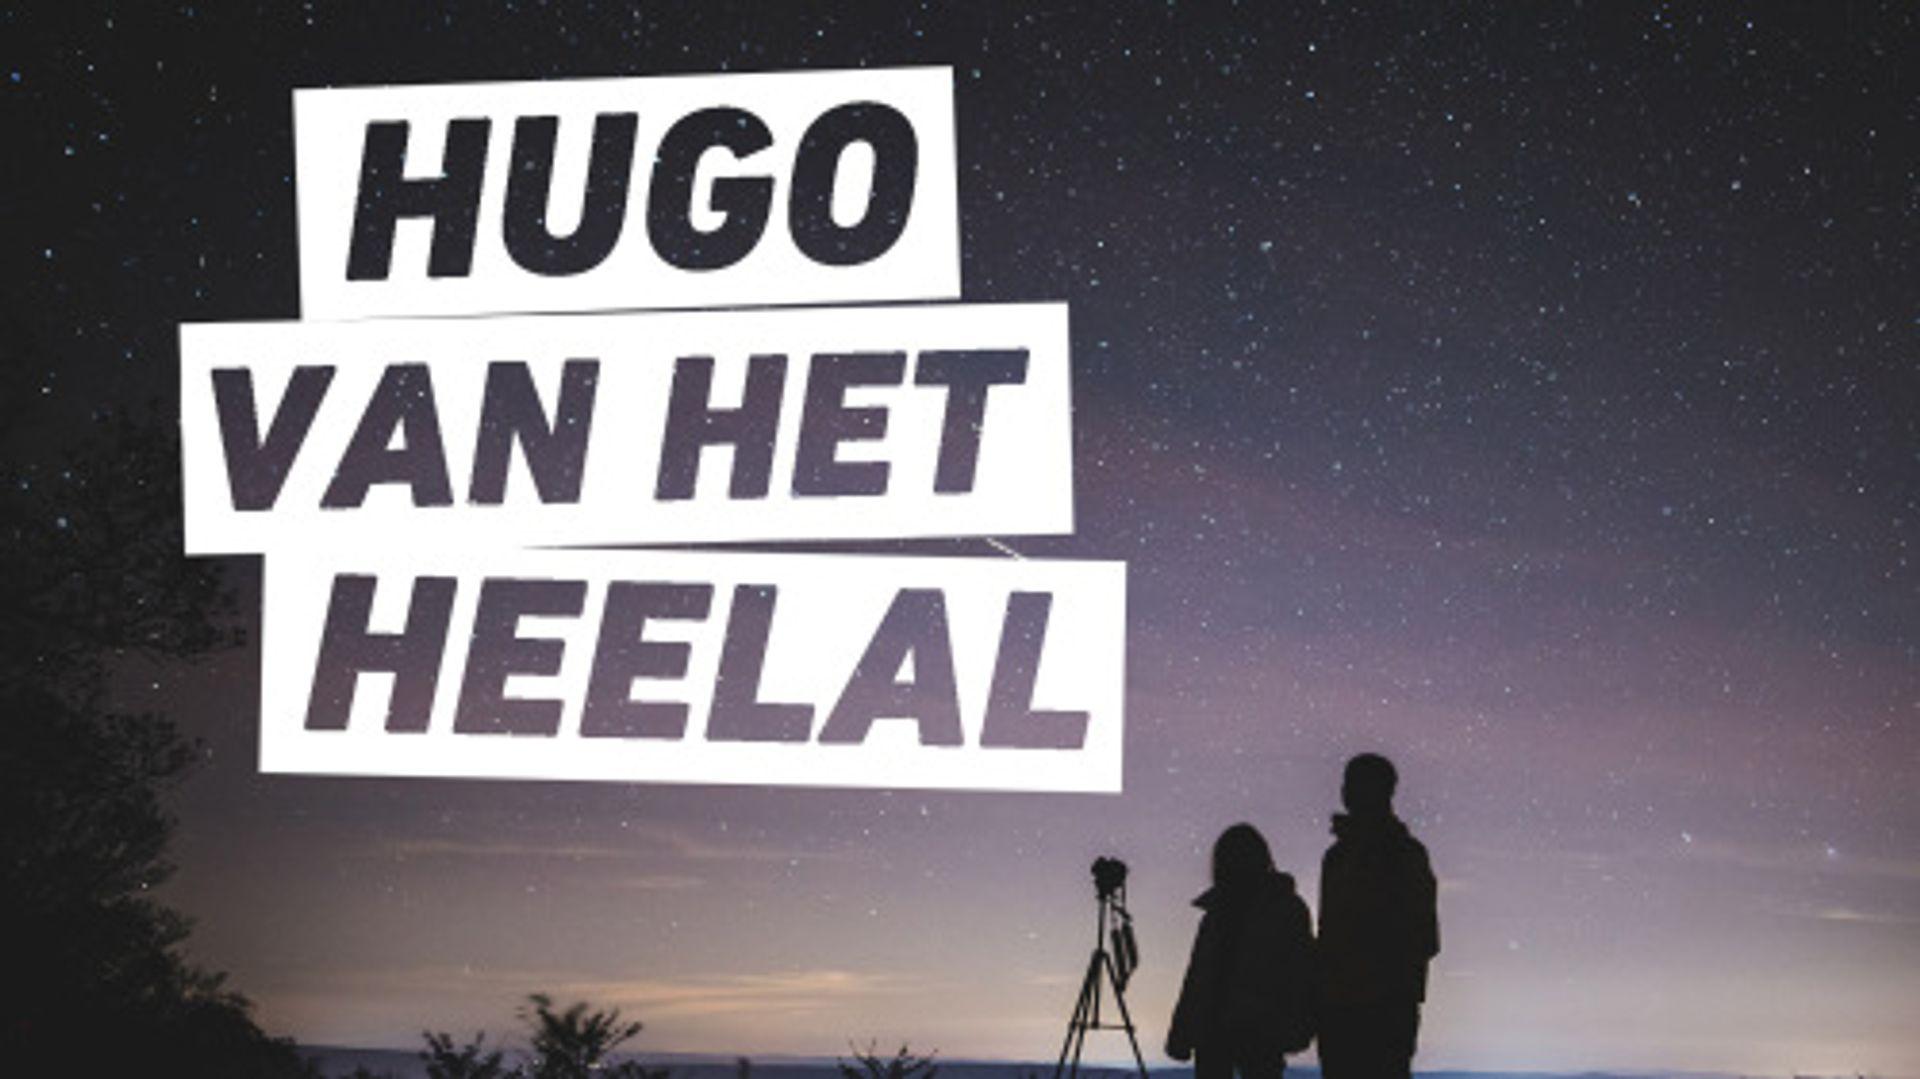 Hugo van het Heelal - Kunnen sterren tweelingen krijgen? #3fm...